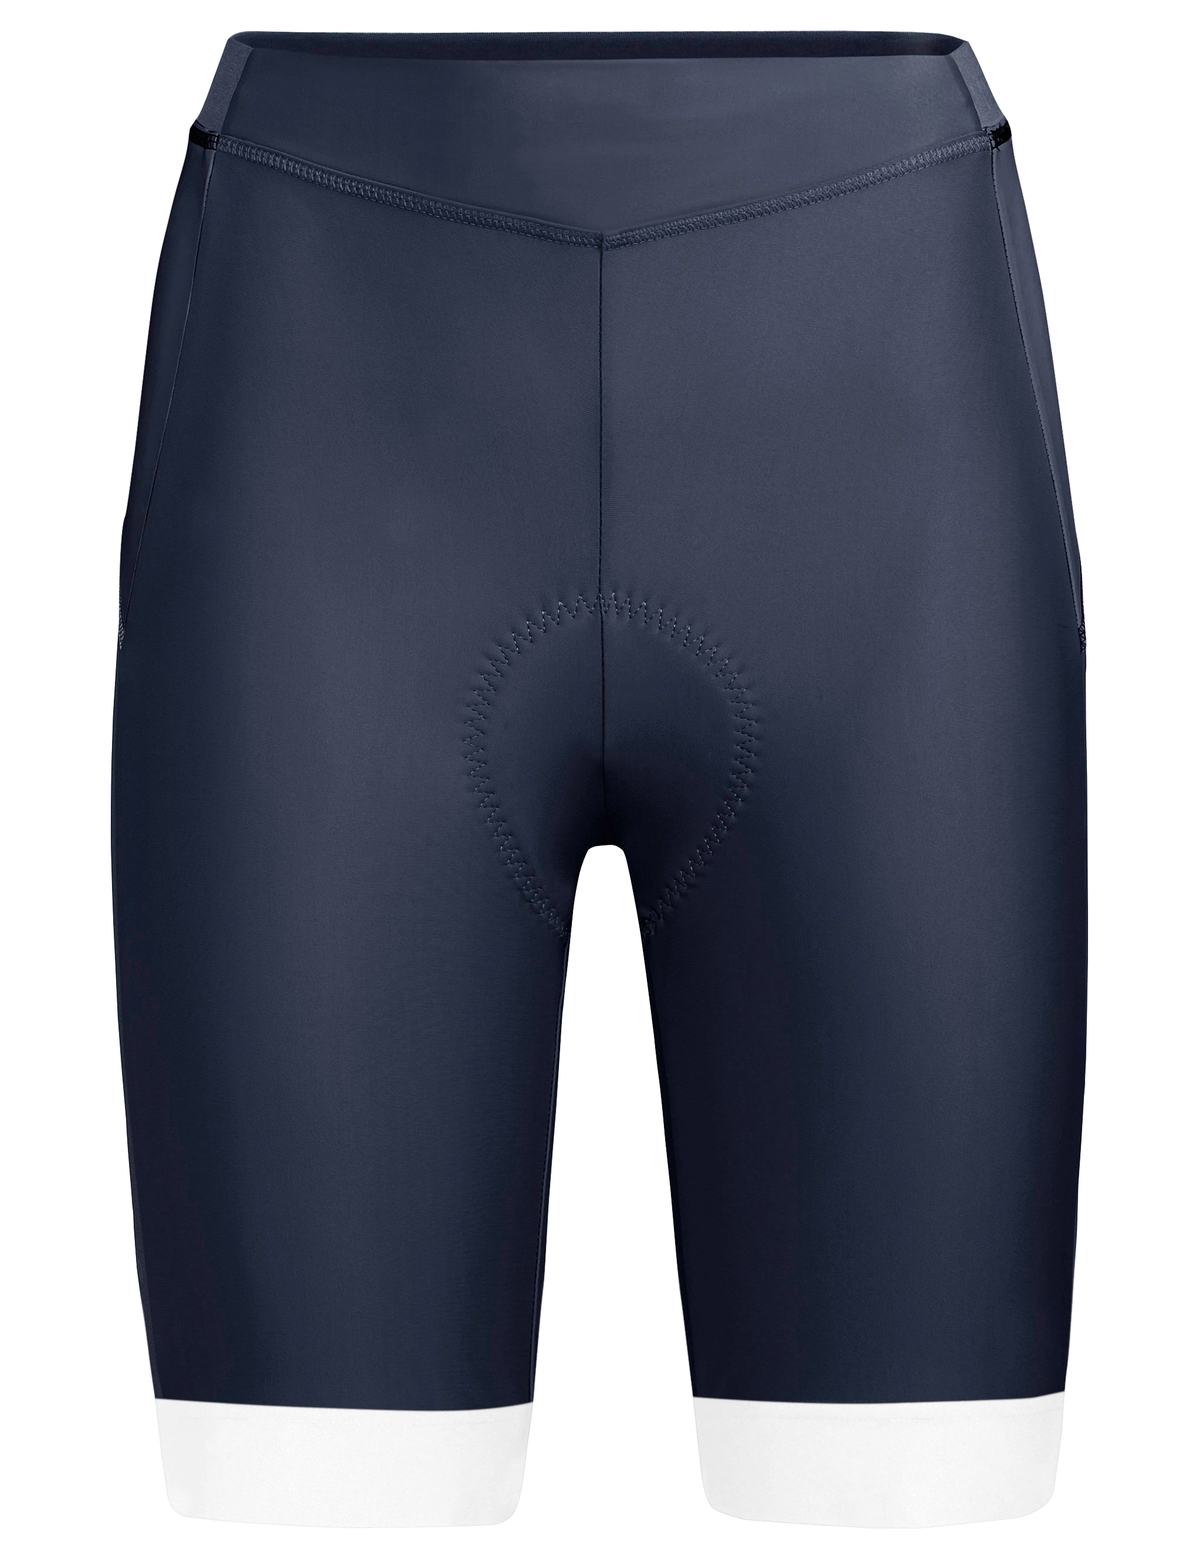 Women Advanced Pants III